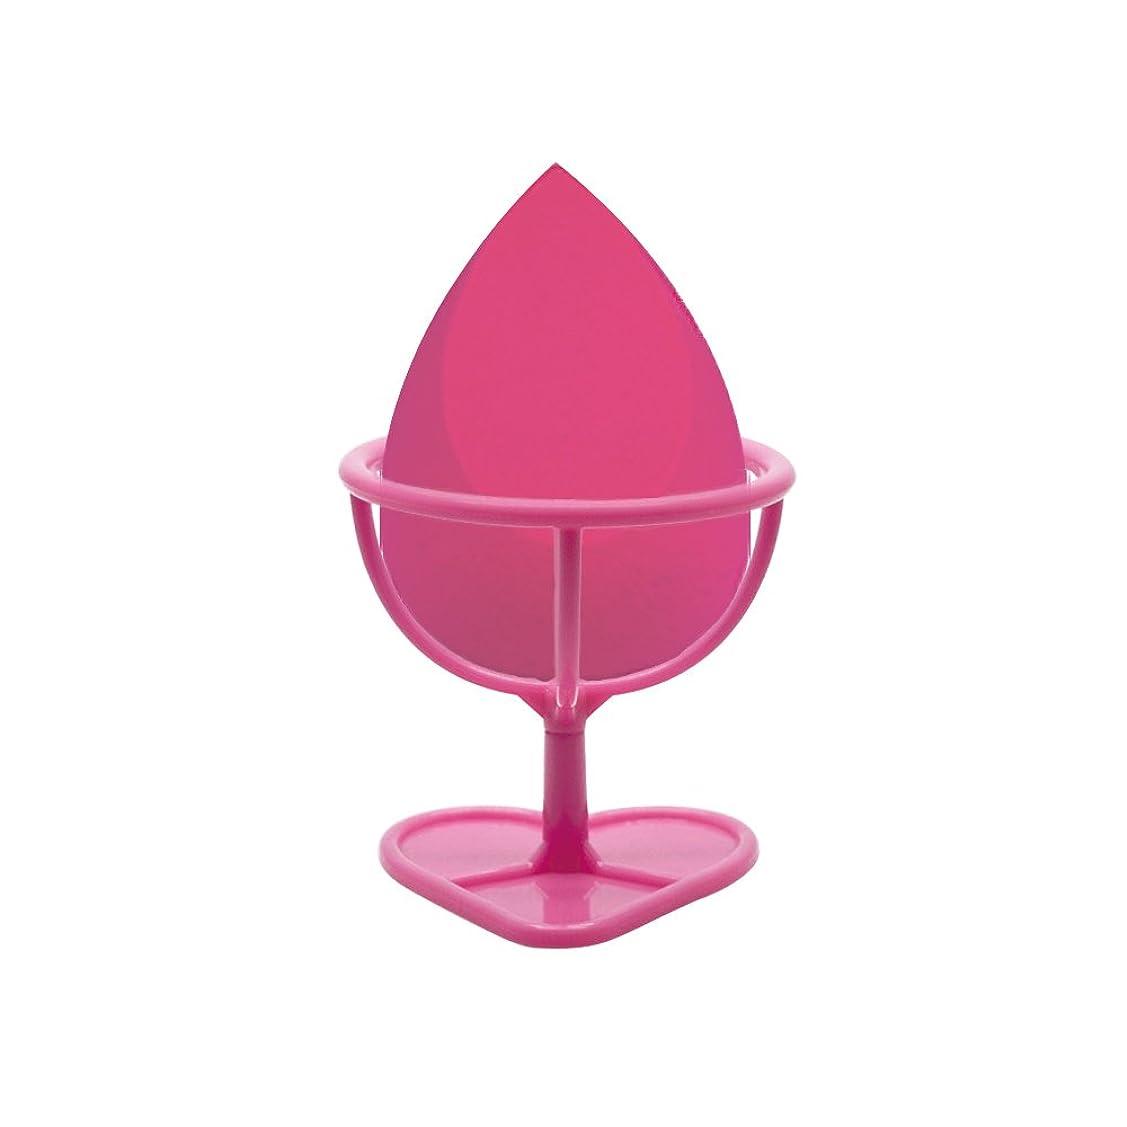 パンチ急速な達成可能Heybeauty メイクスポンジ 斜めカット?卵型 化粧パフ ボックス付き パフ乾燥用スタンド付き ローズレッド